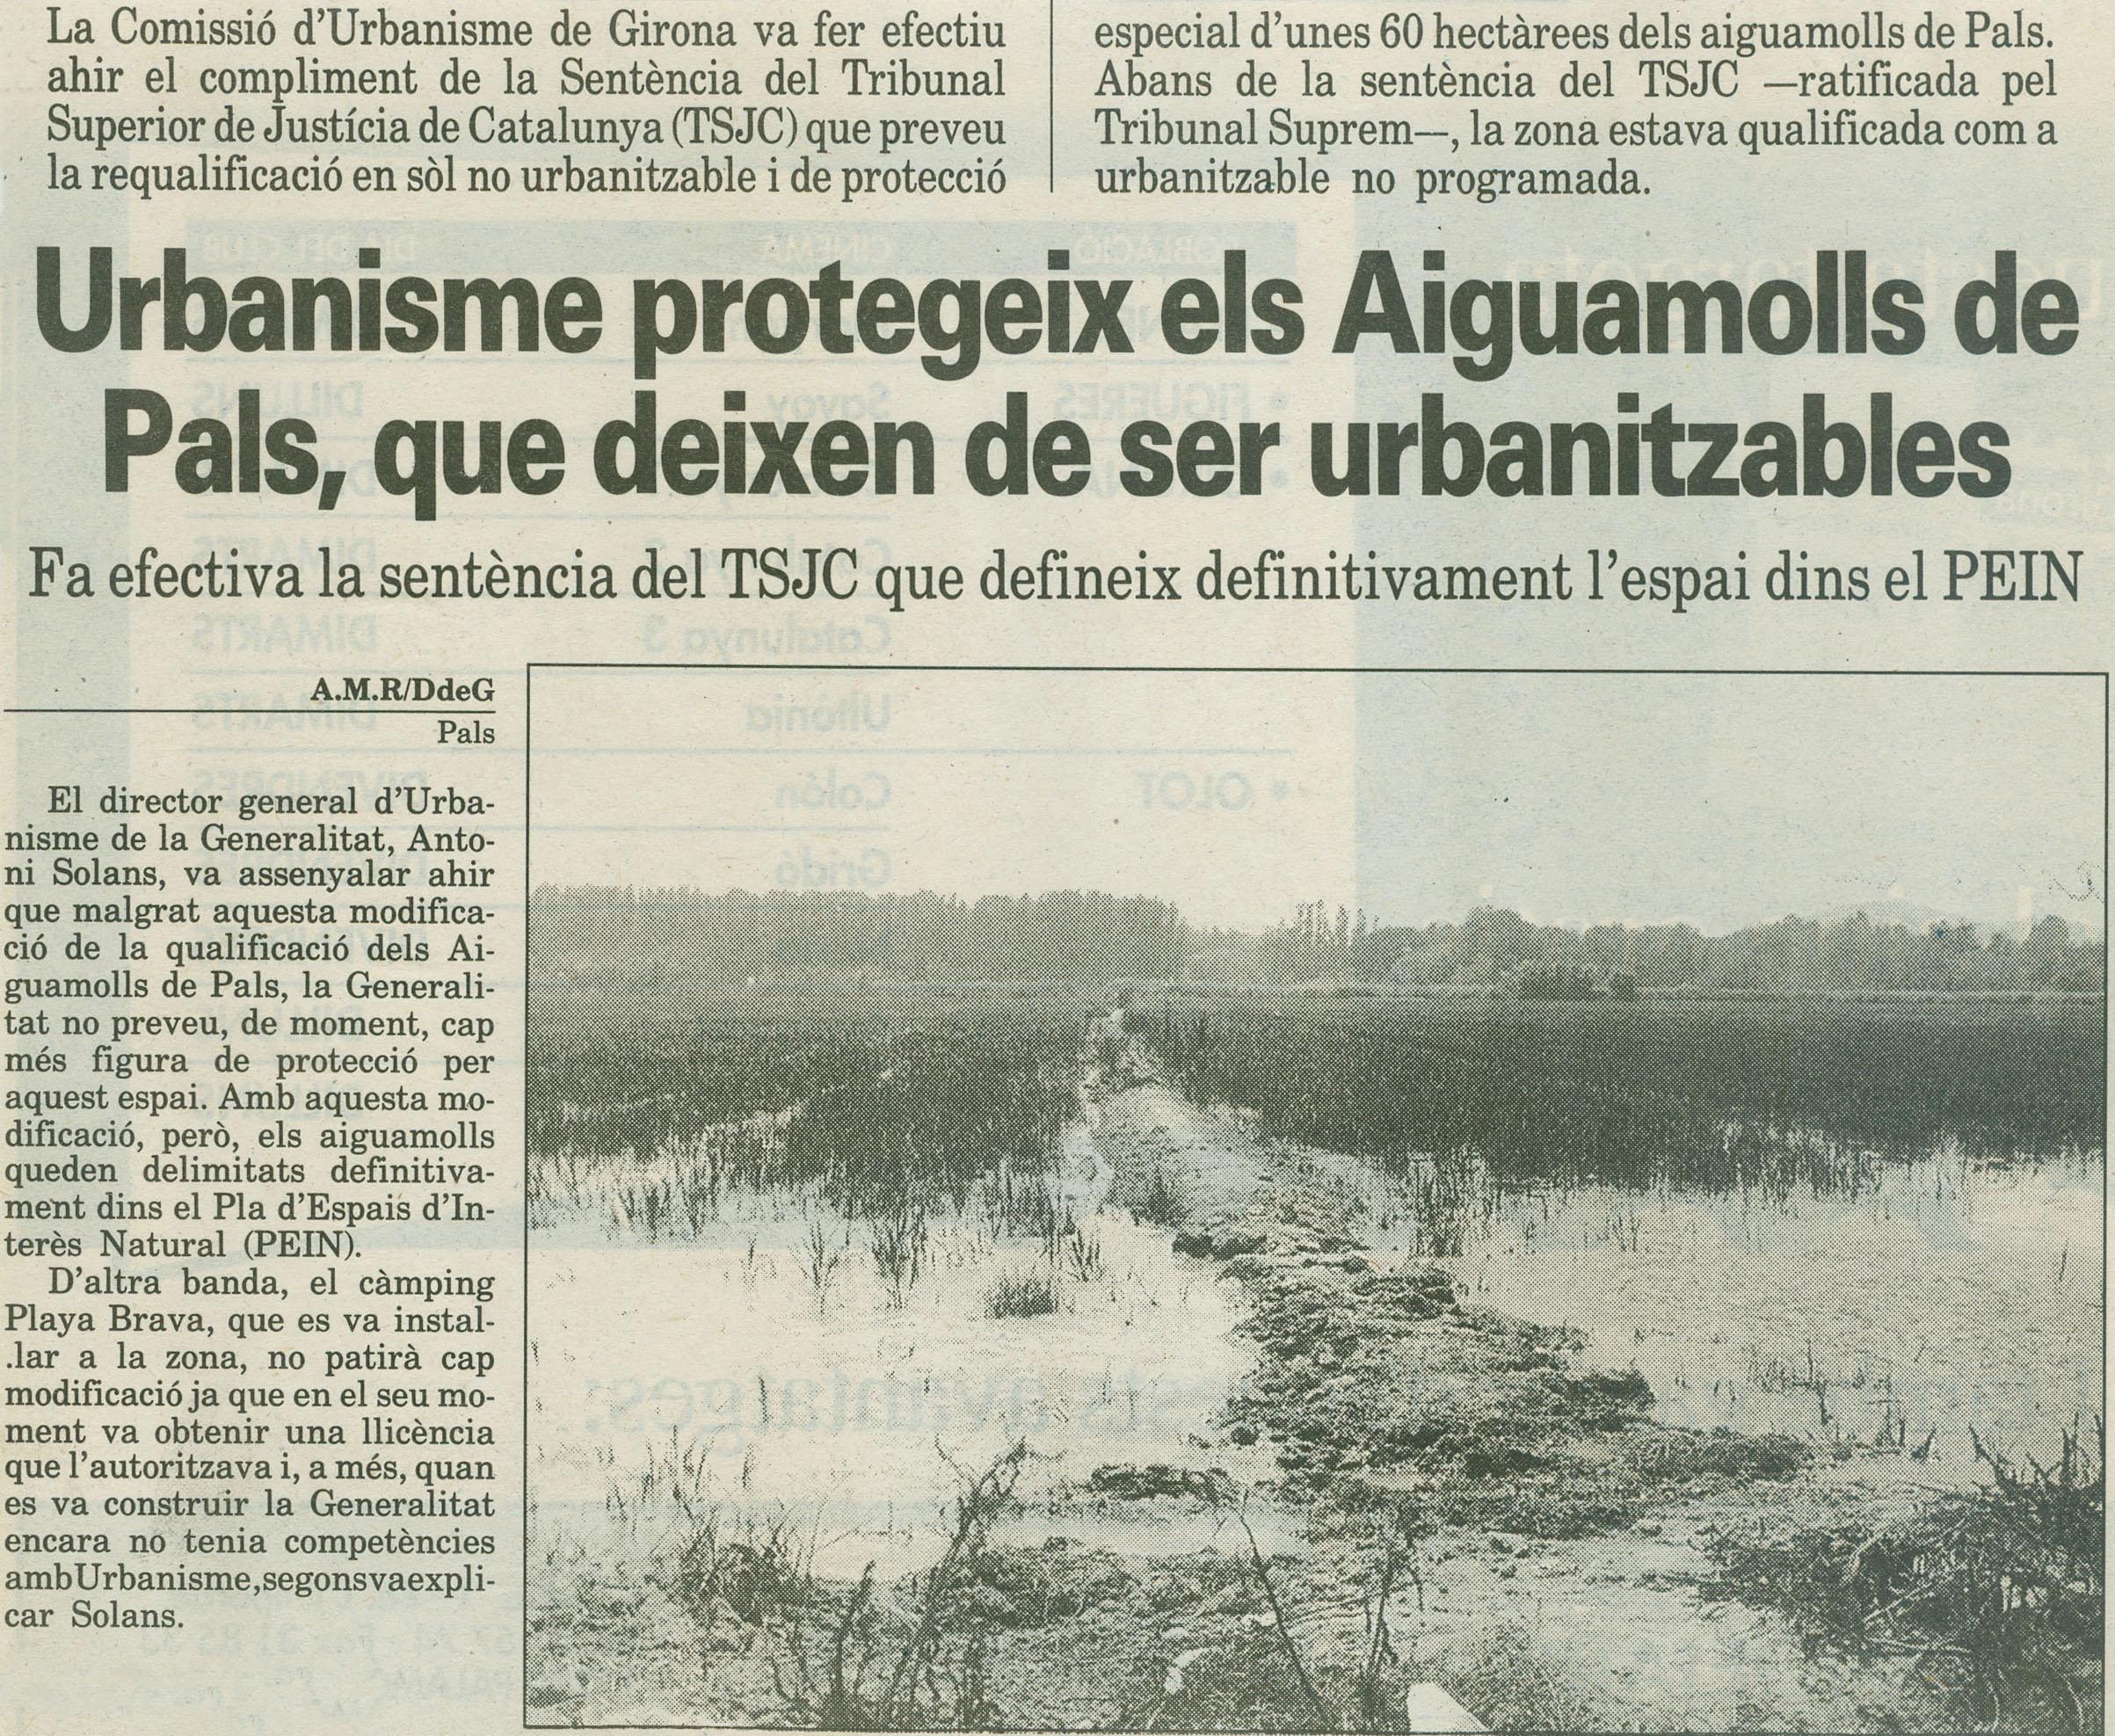 Diari de Girona, 16-4-1997